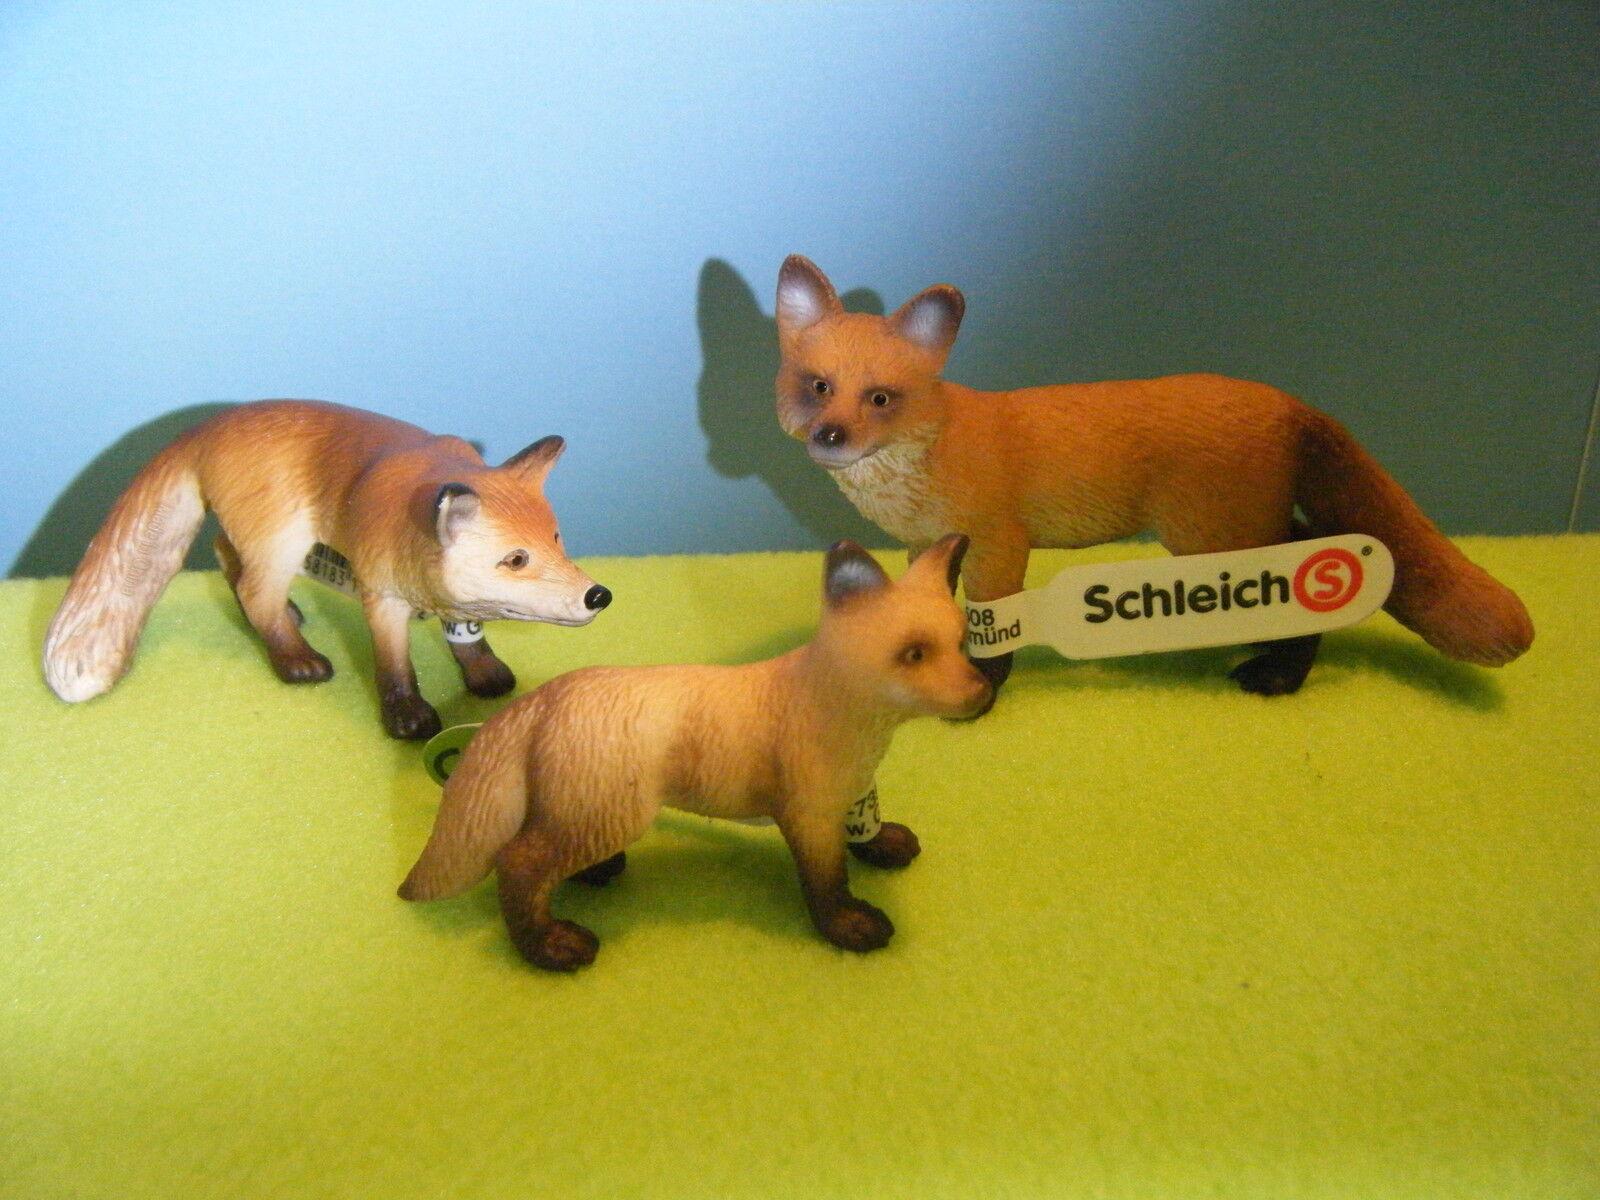 Schleich Zorro rojo Fox y Fox Kit  Nuevo  en plástico de fábrica